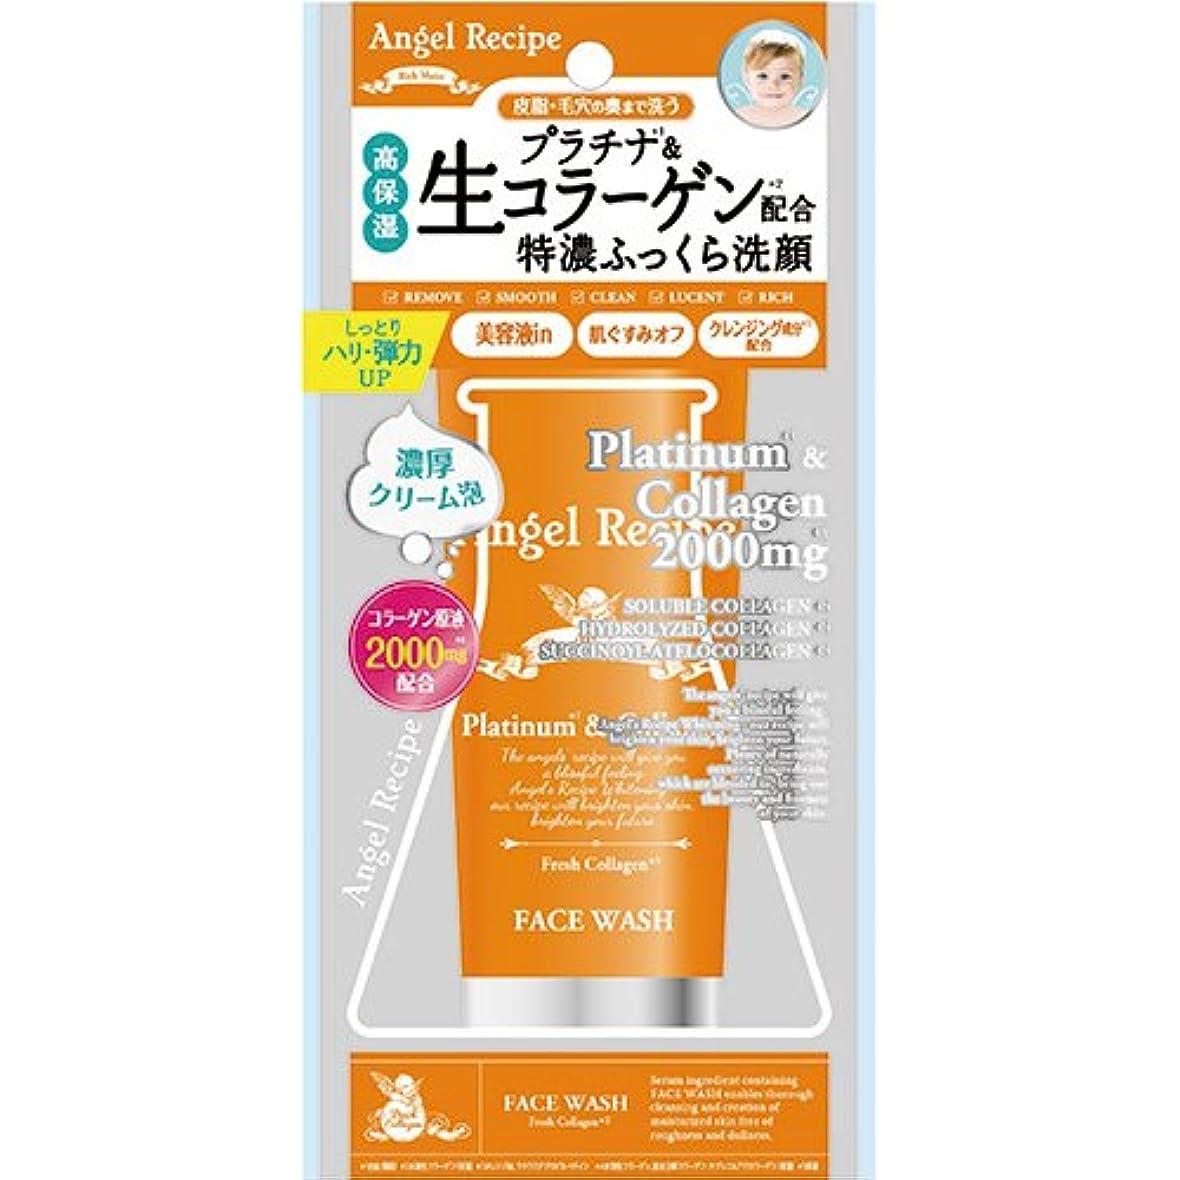 最少観客励起AngelRecipe エンジェルレシピ リッチモイスト 洗顔フォーム 90g